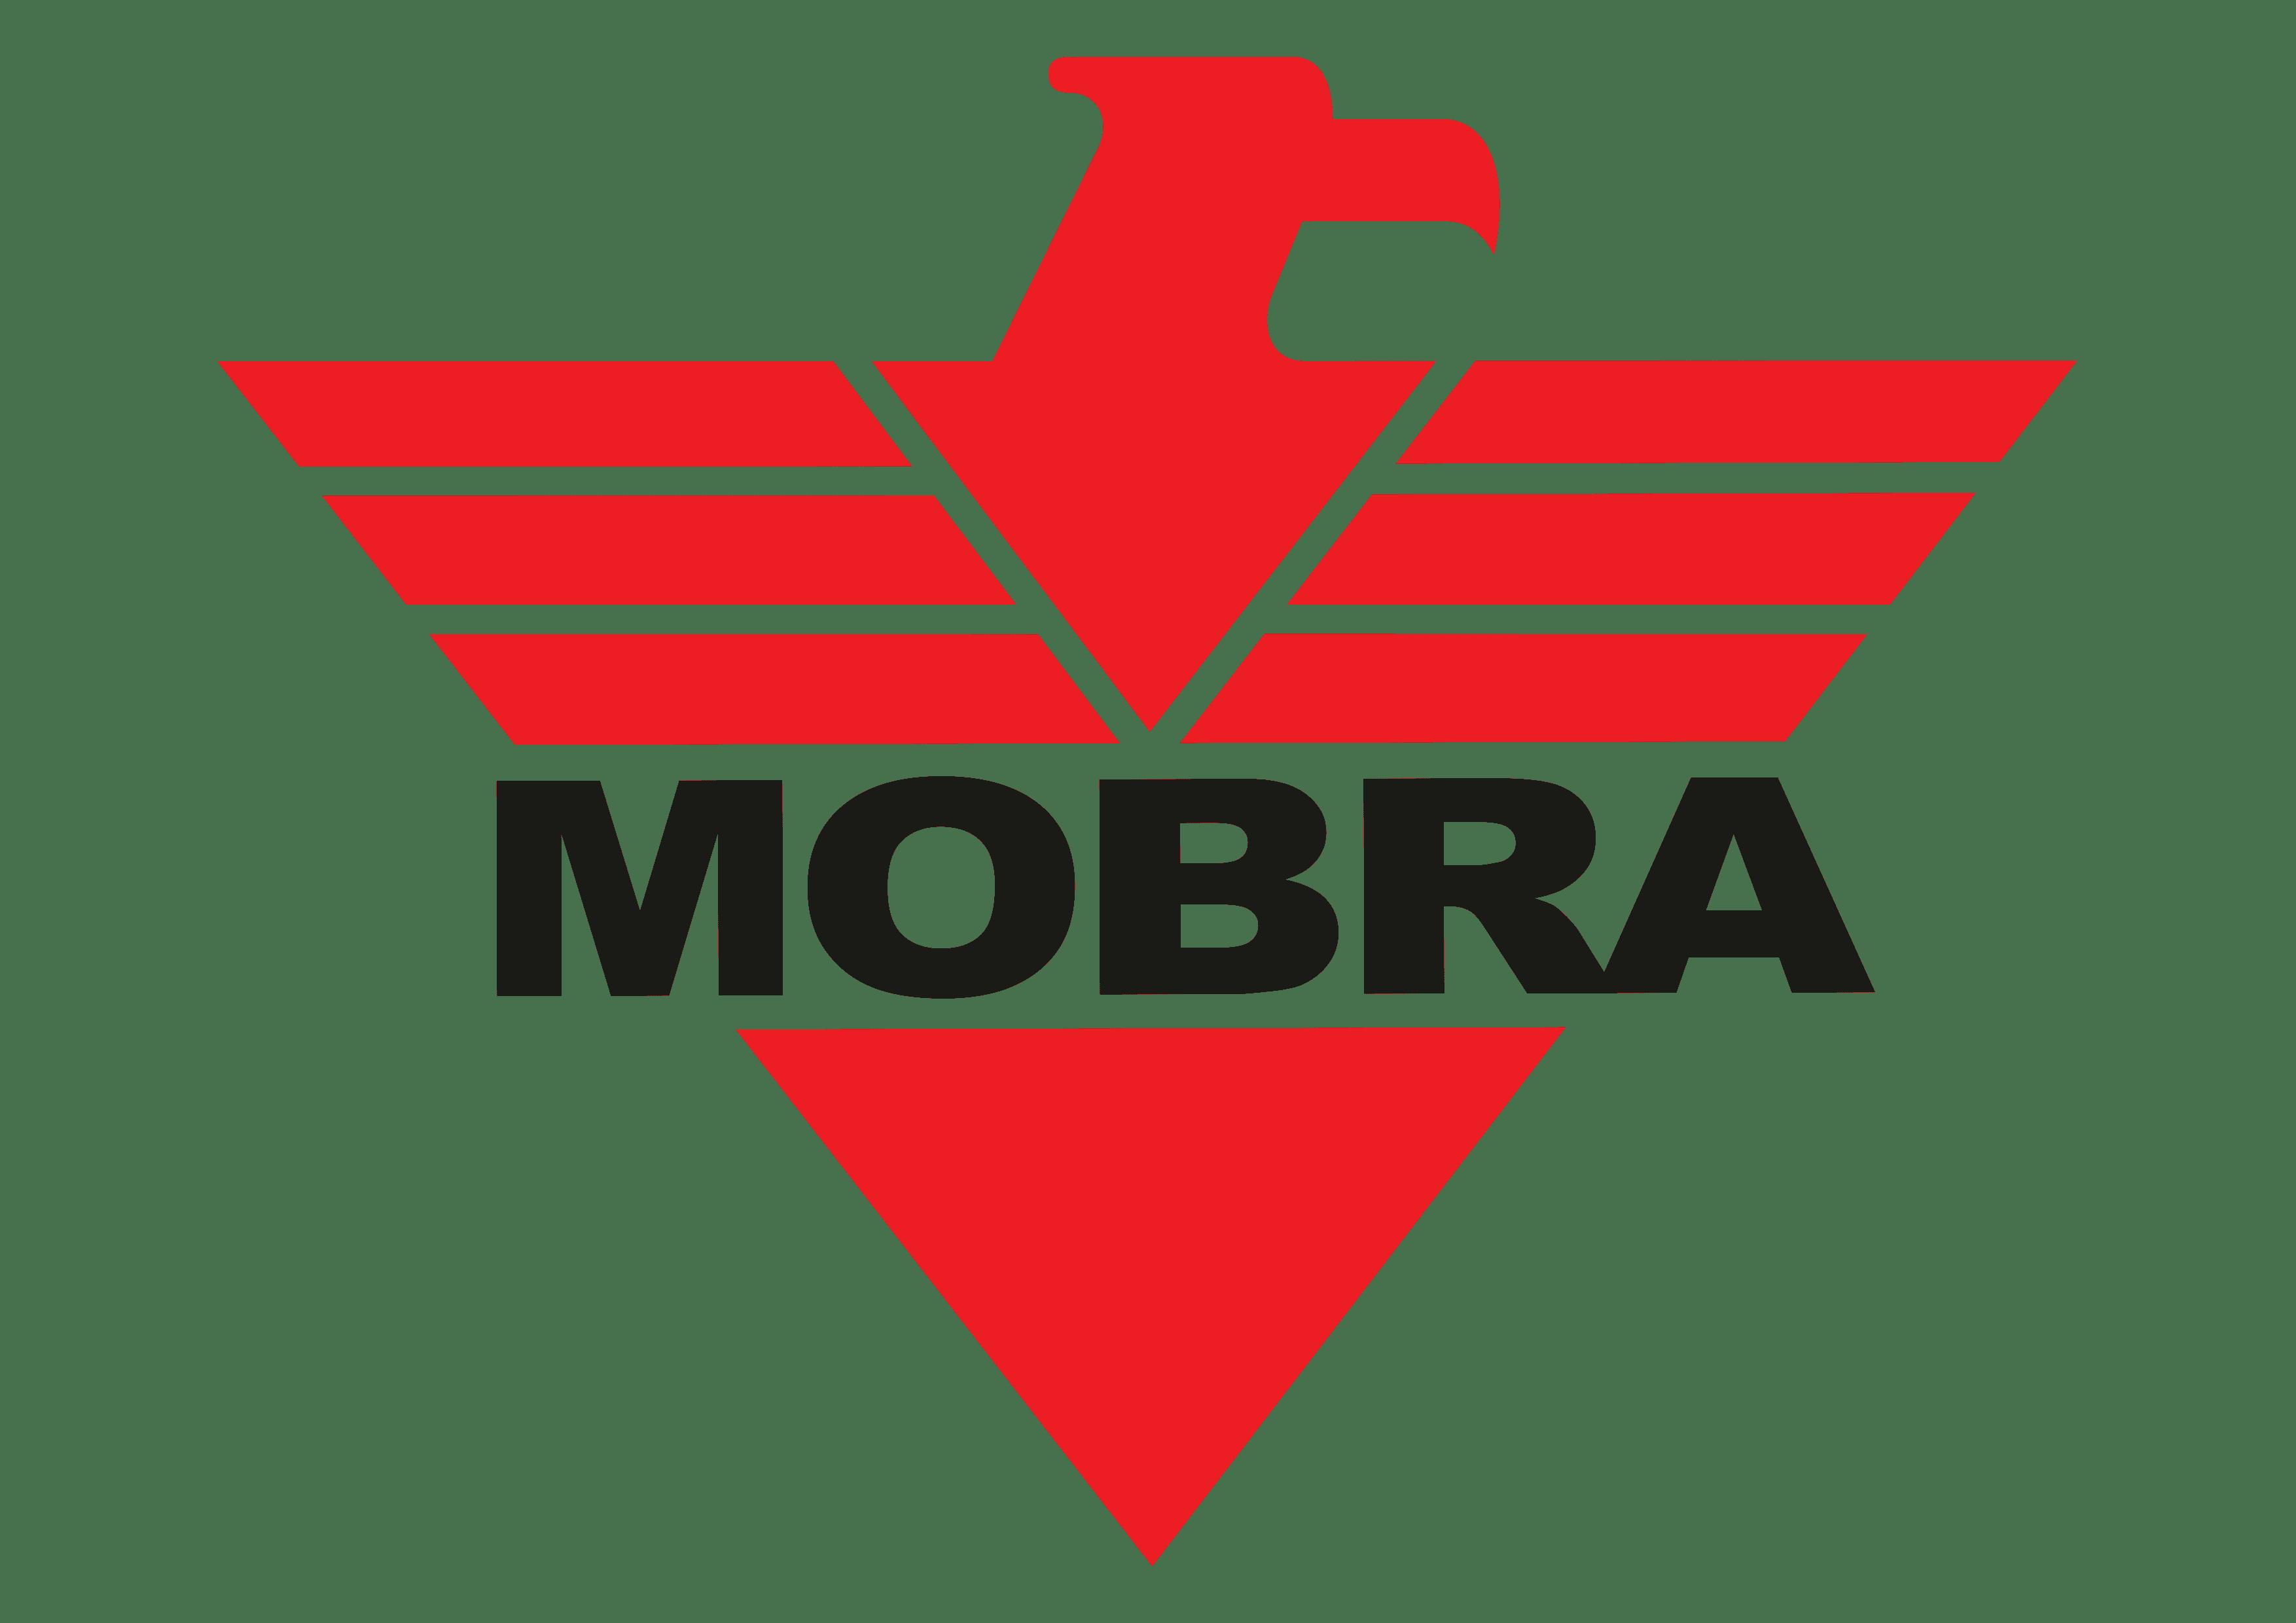 Mobra